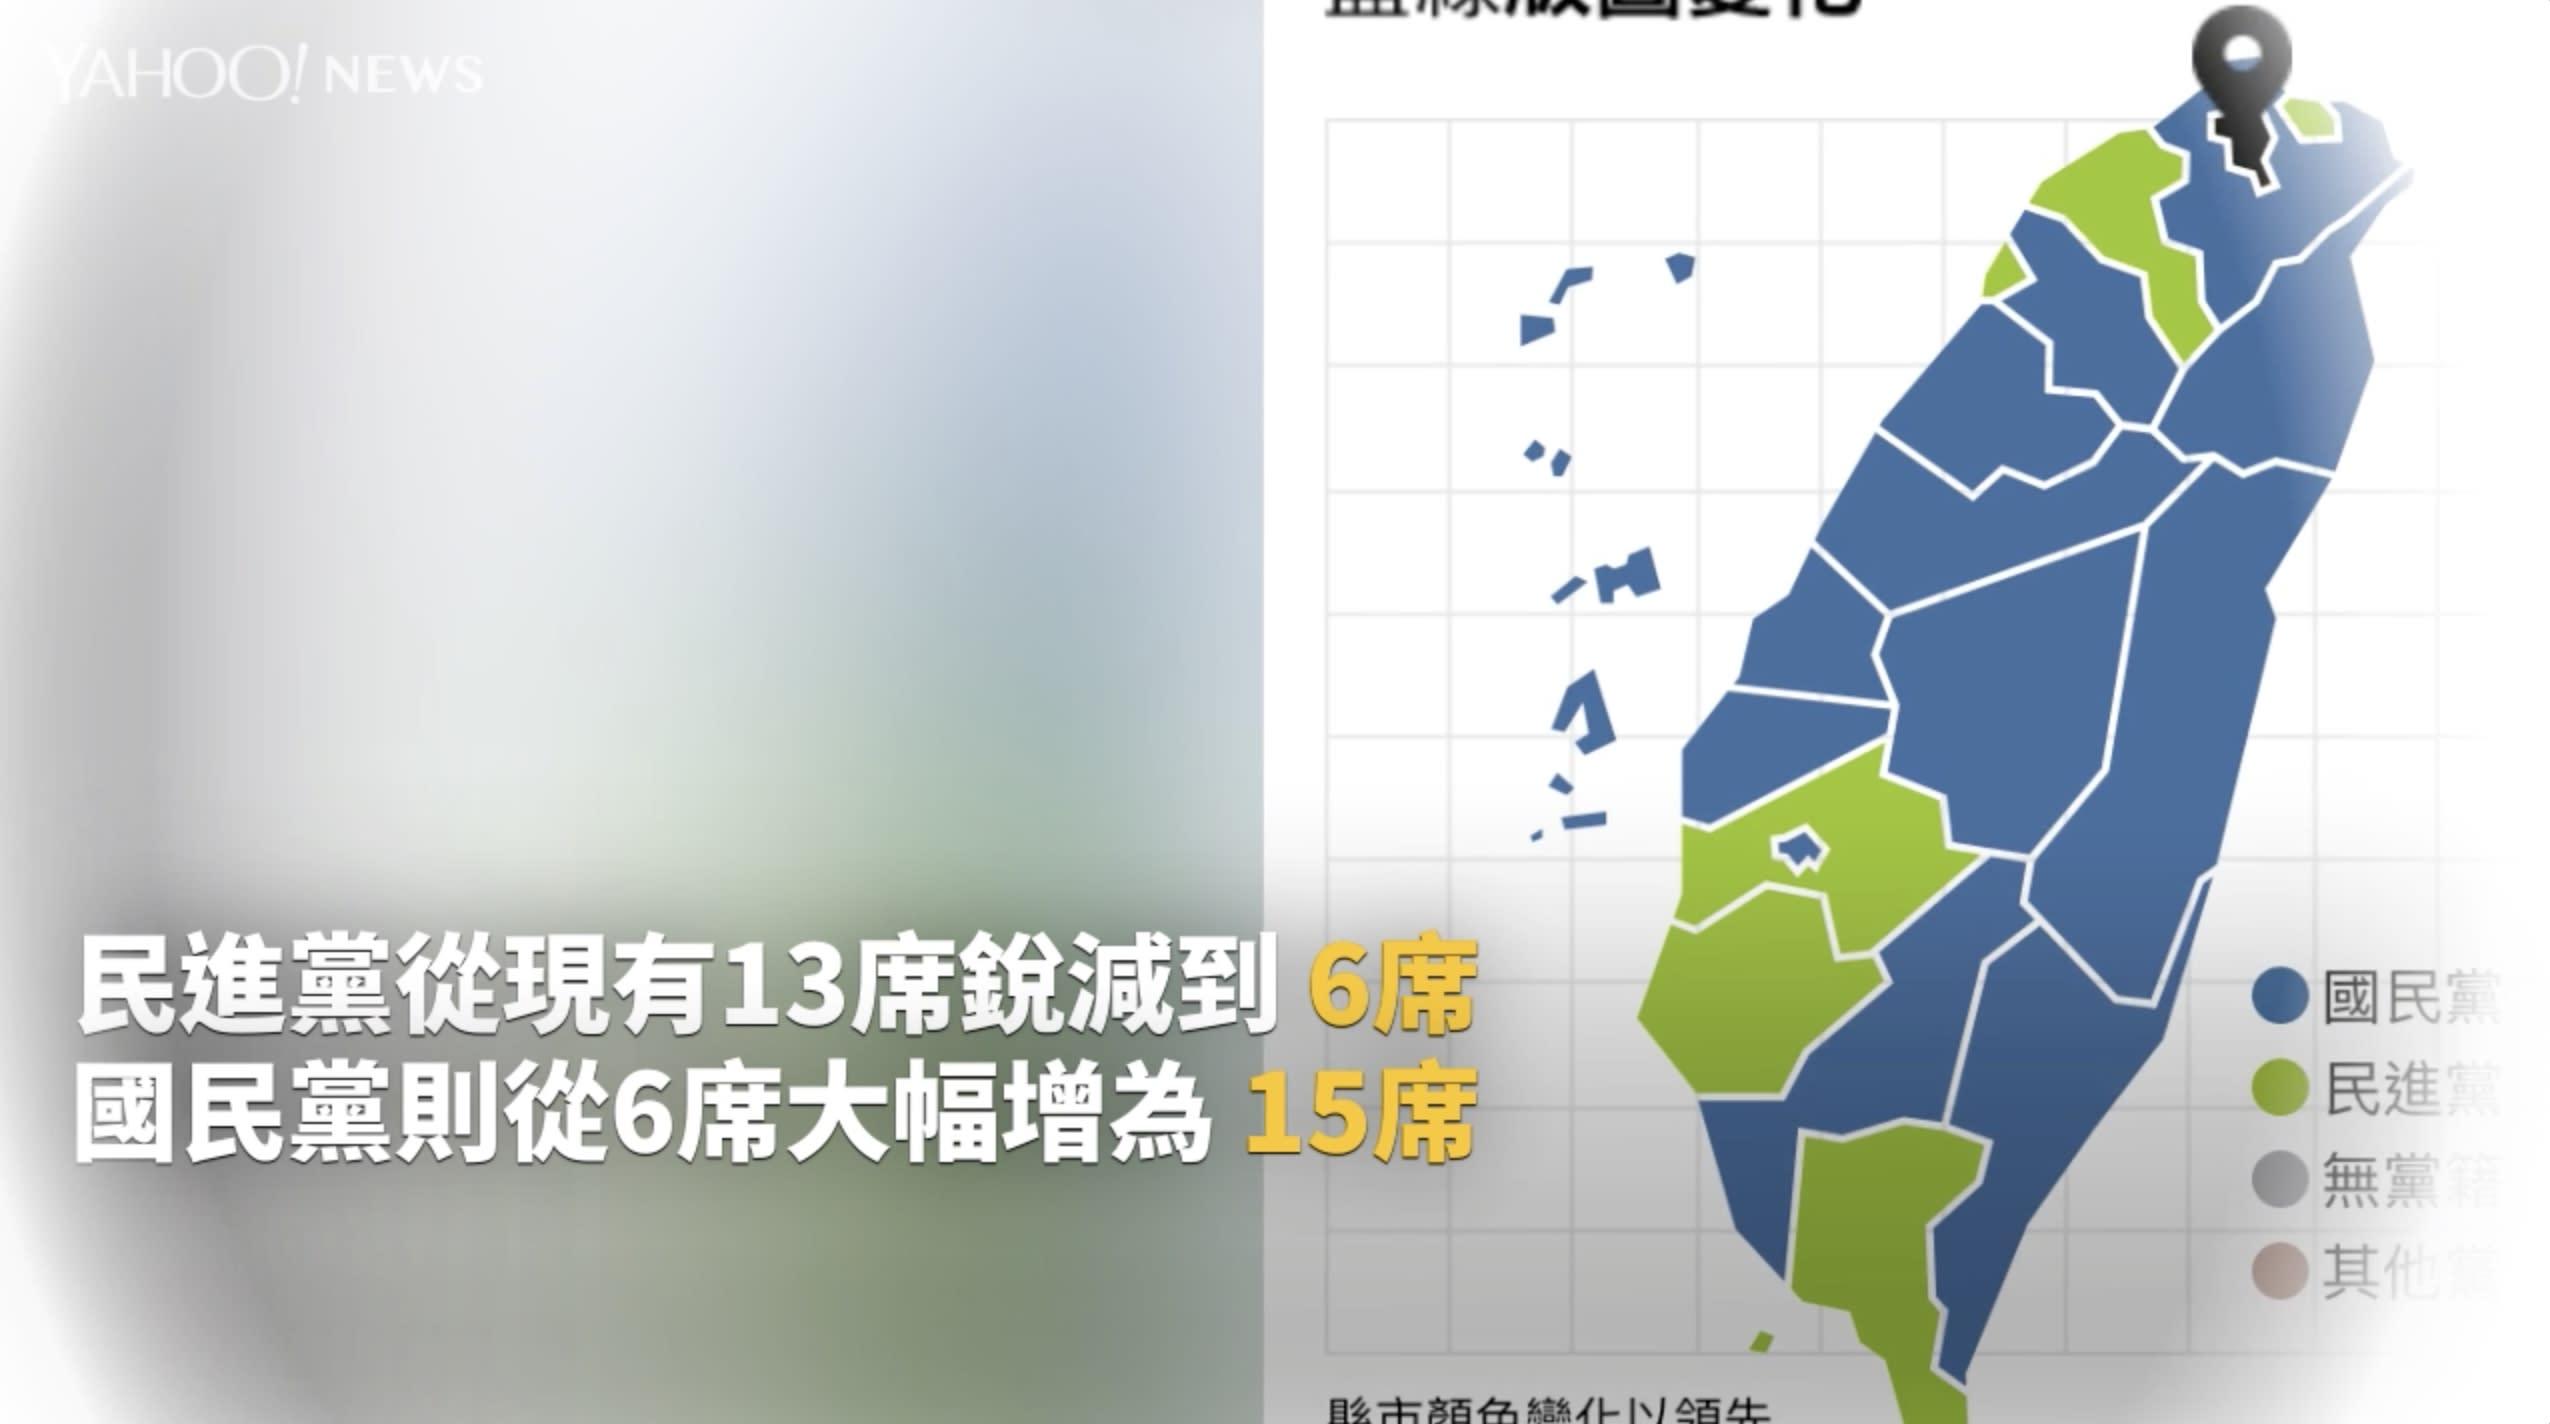 【Yahoo奇摩十大新聞事件】九合一選舉爆棚 開票史上最久奪冠